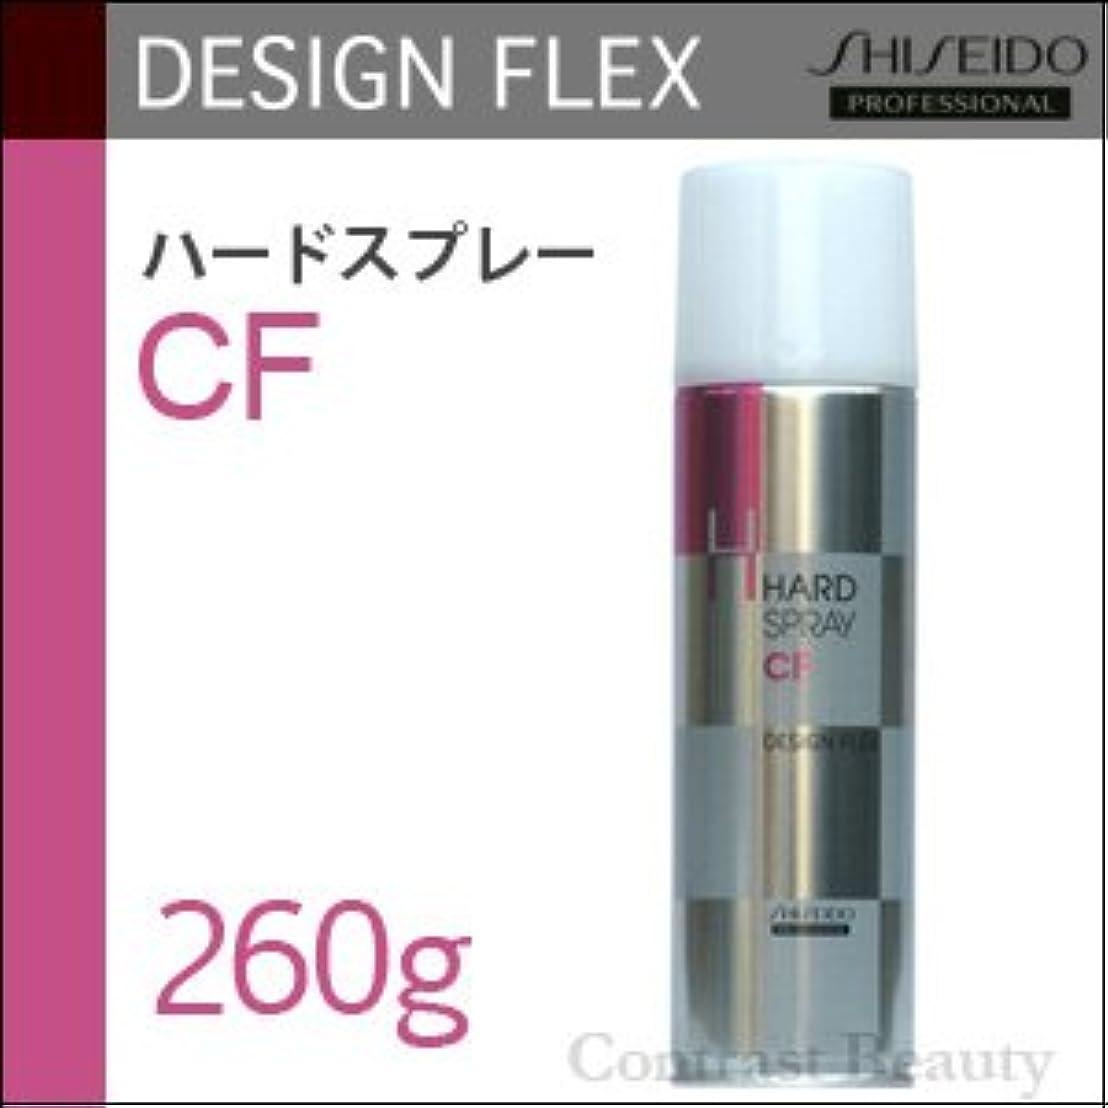 エゴイズム輸血重なる【x3個セット】 資生堂 デザインフレックス ハードスプレーCF 260g